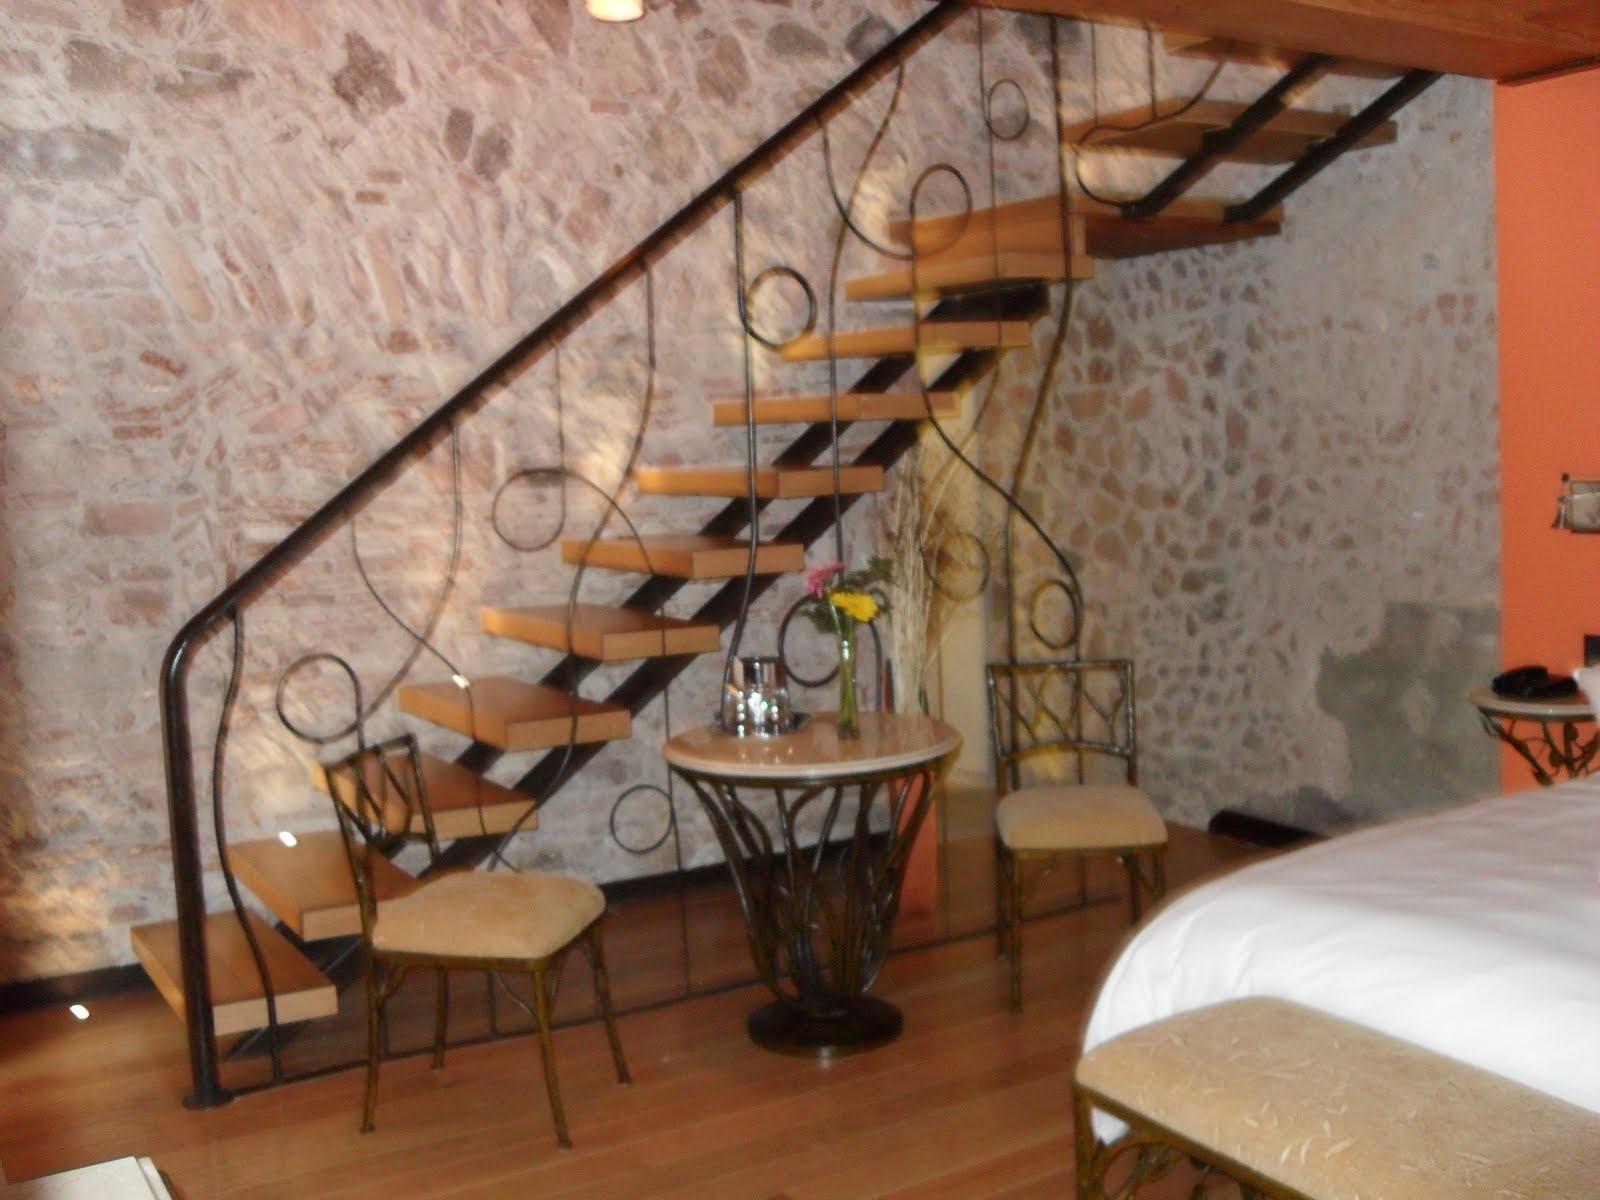 Diseo de barandas para escaleras diseo y decoracin caroldoey for Decoracion de escaleras interiores